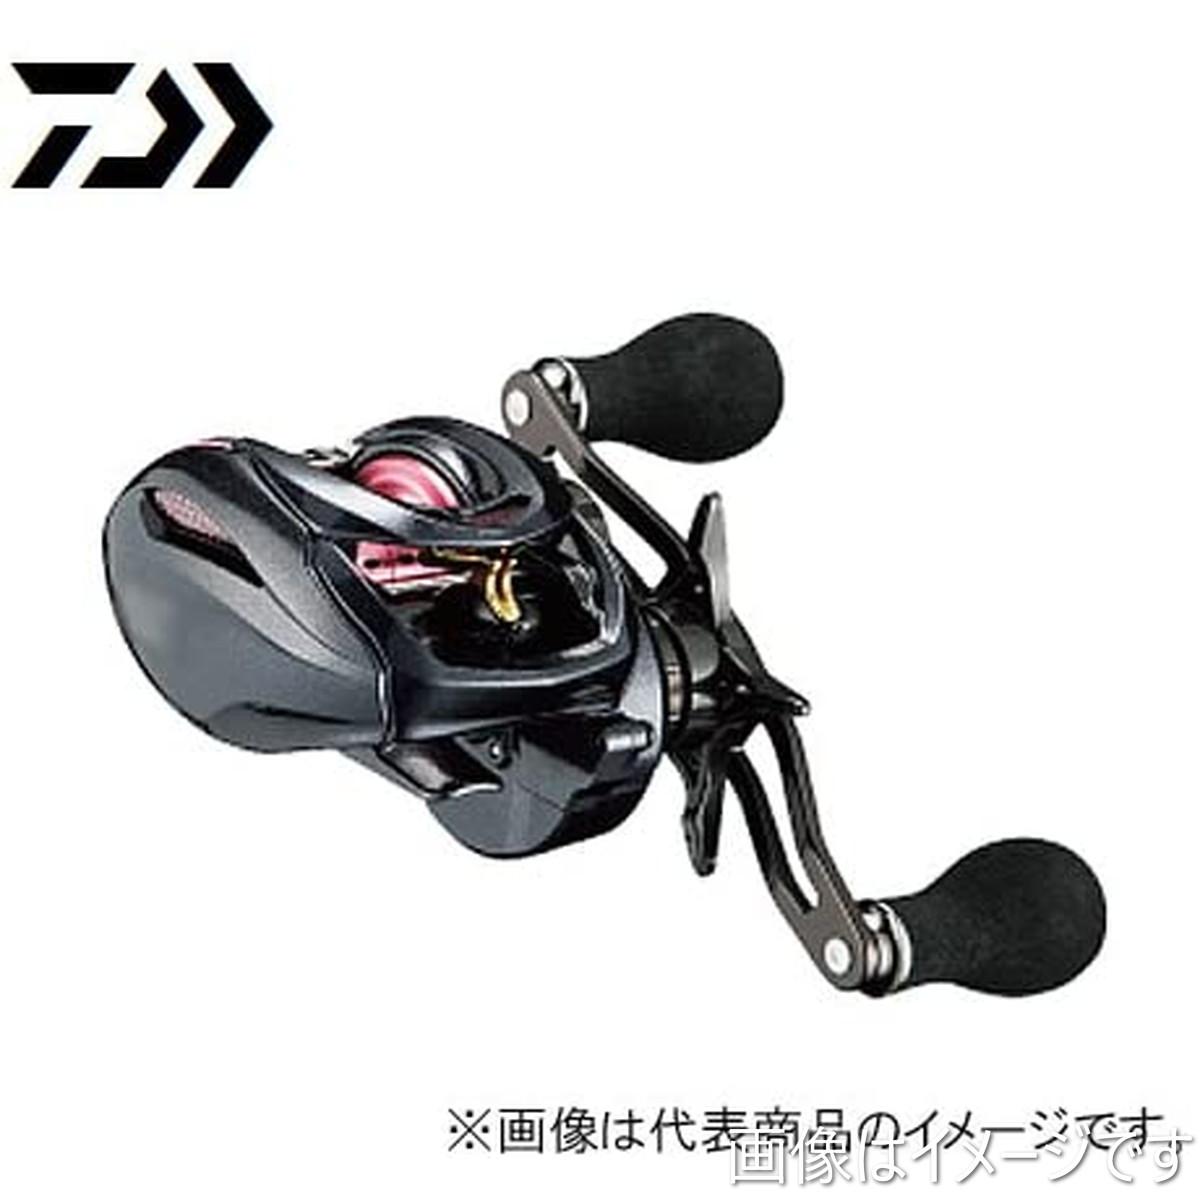 ダイワ(Daiwa) タイラバ ベイトリール 紅牙 TW 7.3L